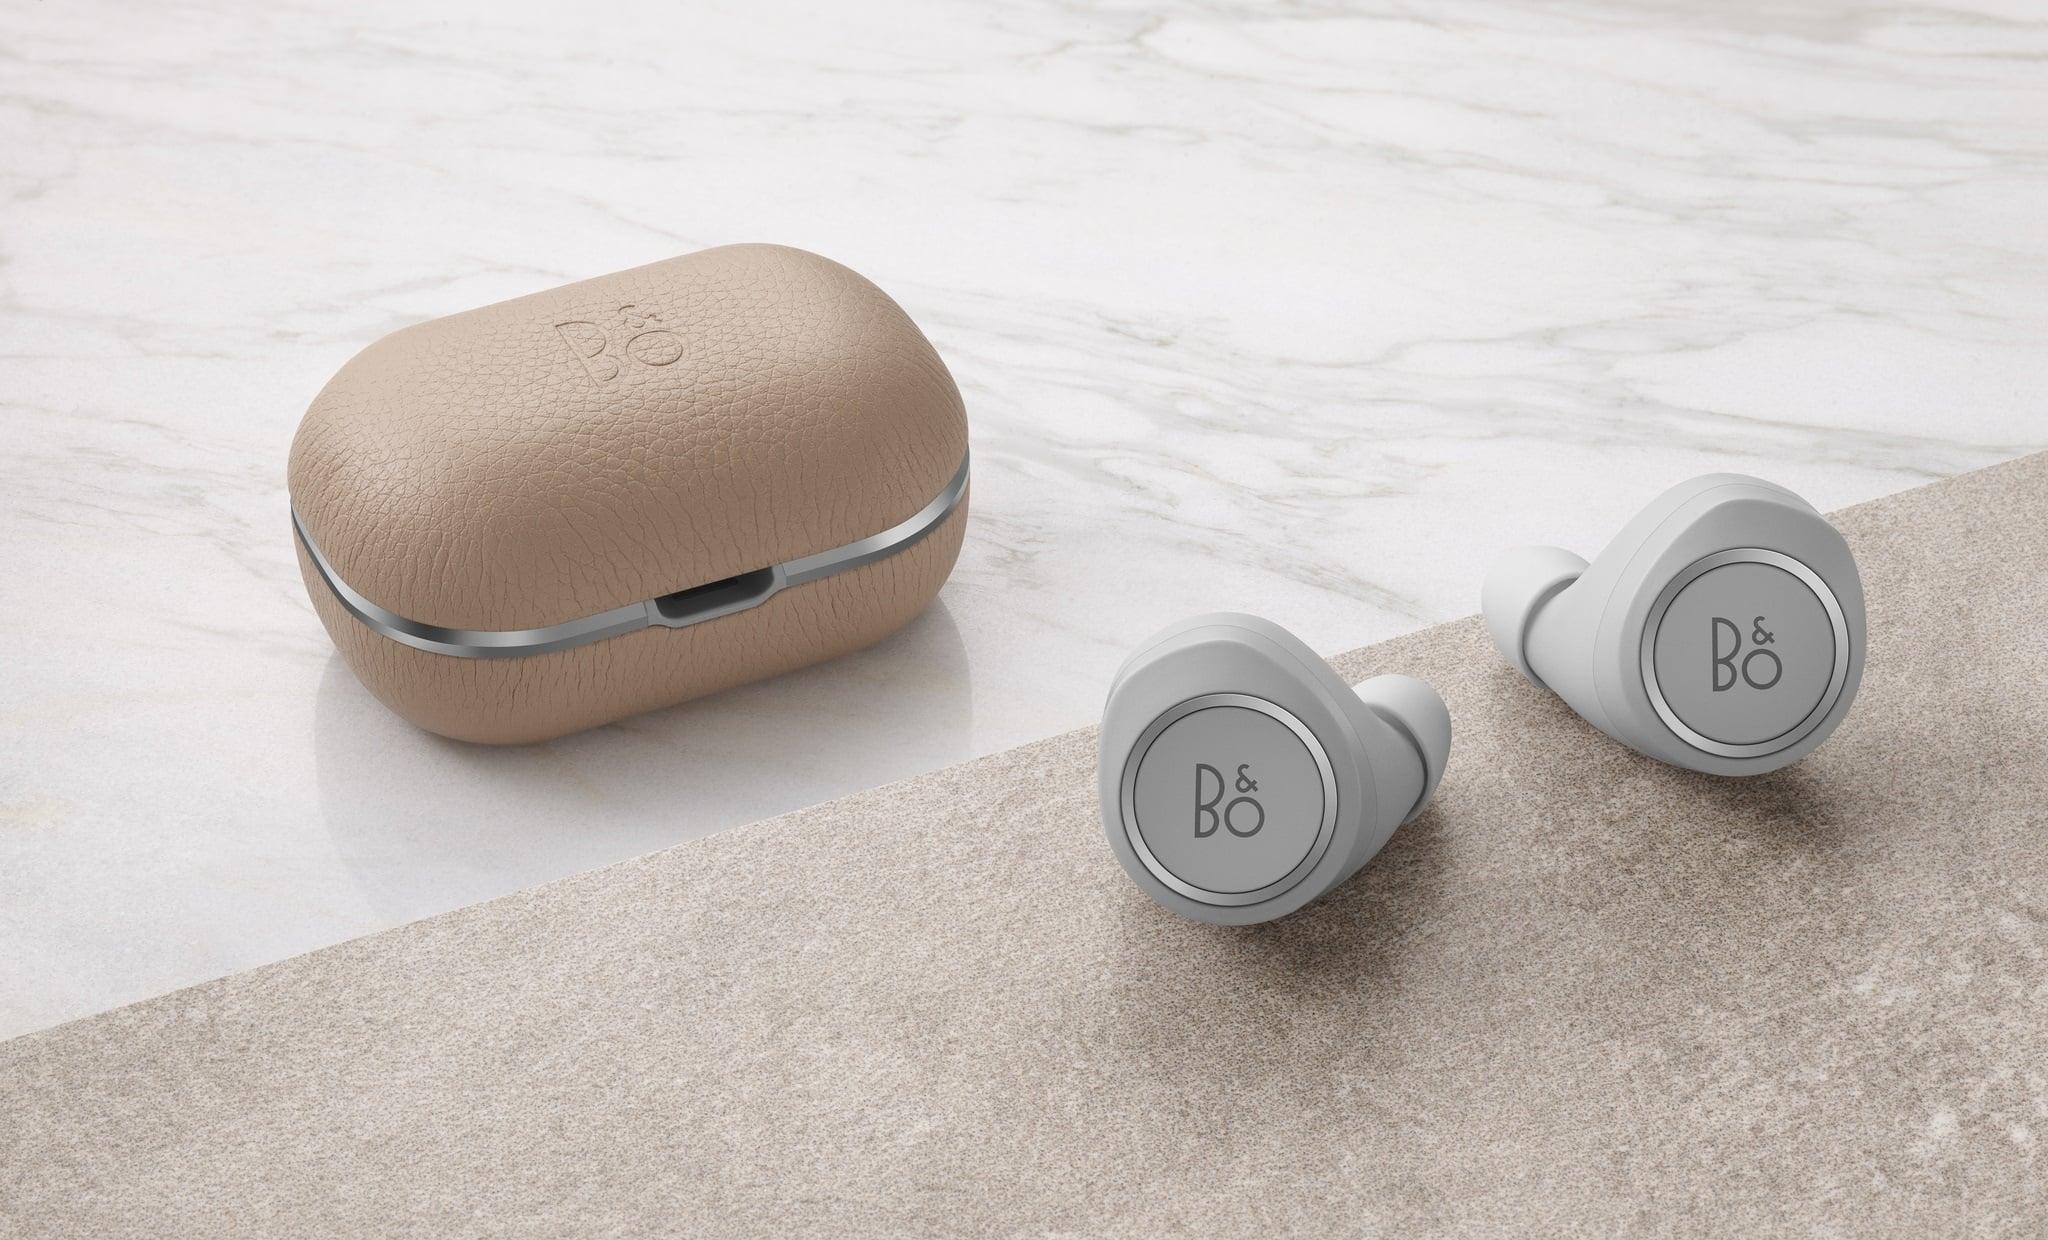 Bang & Olufsen zaprezentował nowe słuchawki bezprzewodowe Beoplay E8 2.0 z ładowanym indukcyjnie etui 21